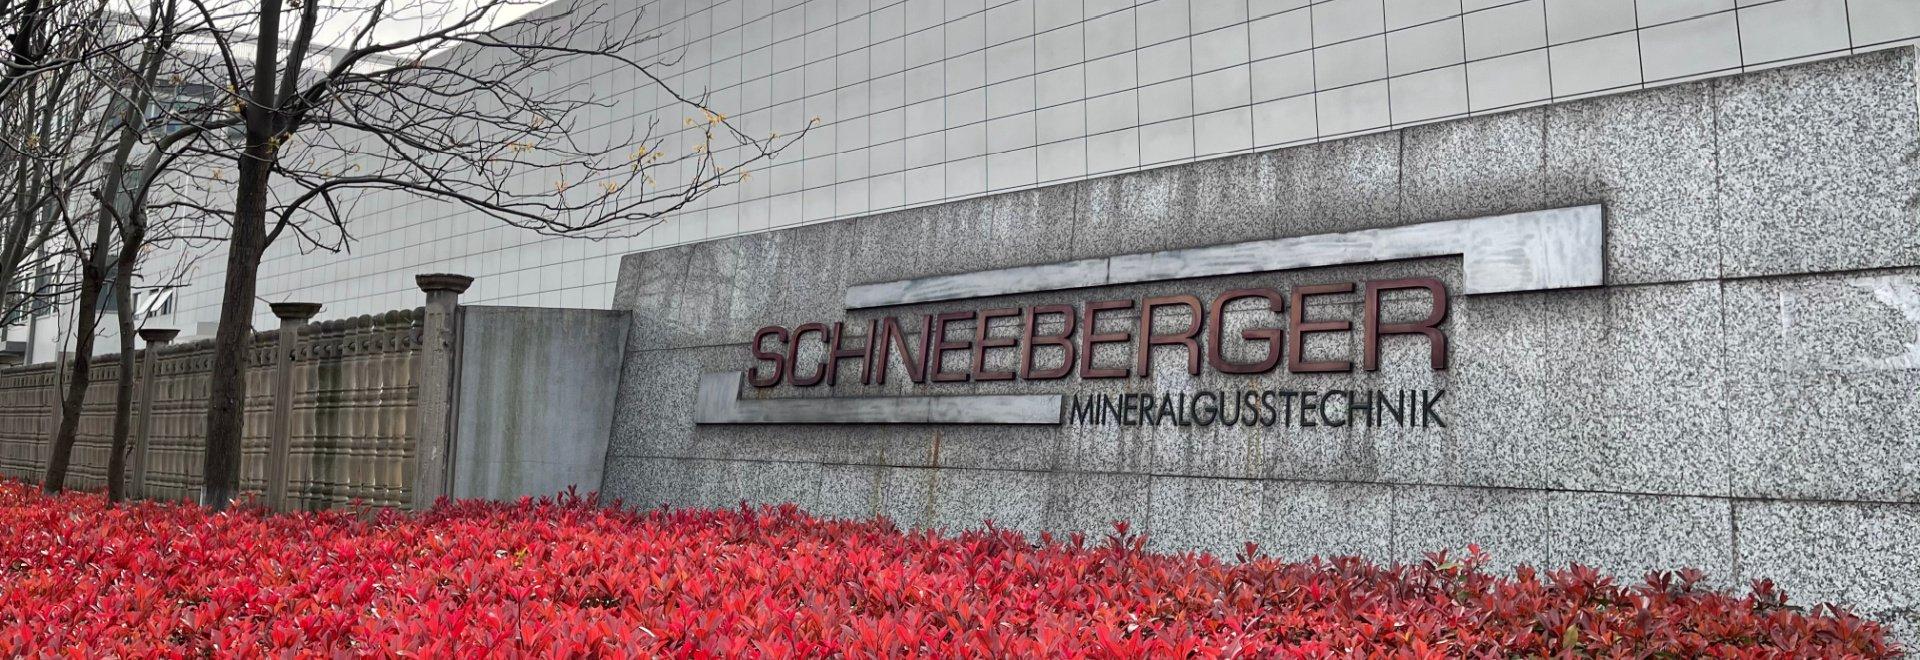 schneeberger-mineral-casting-frame-1